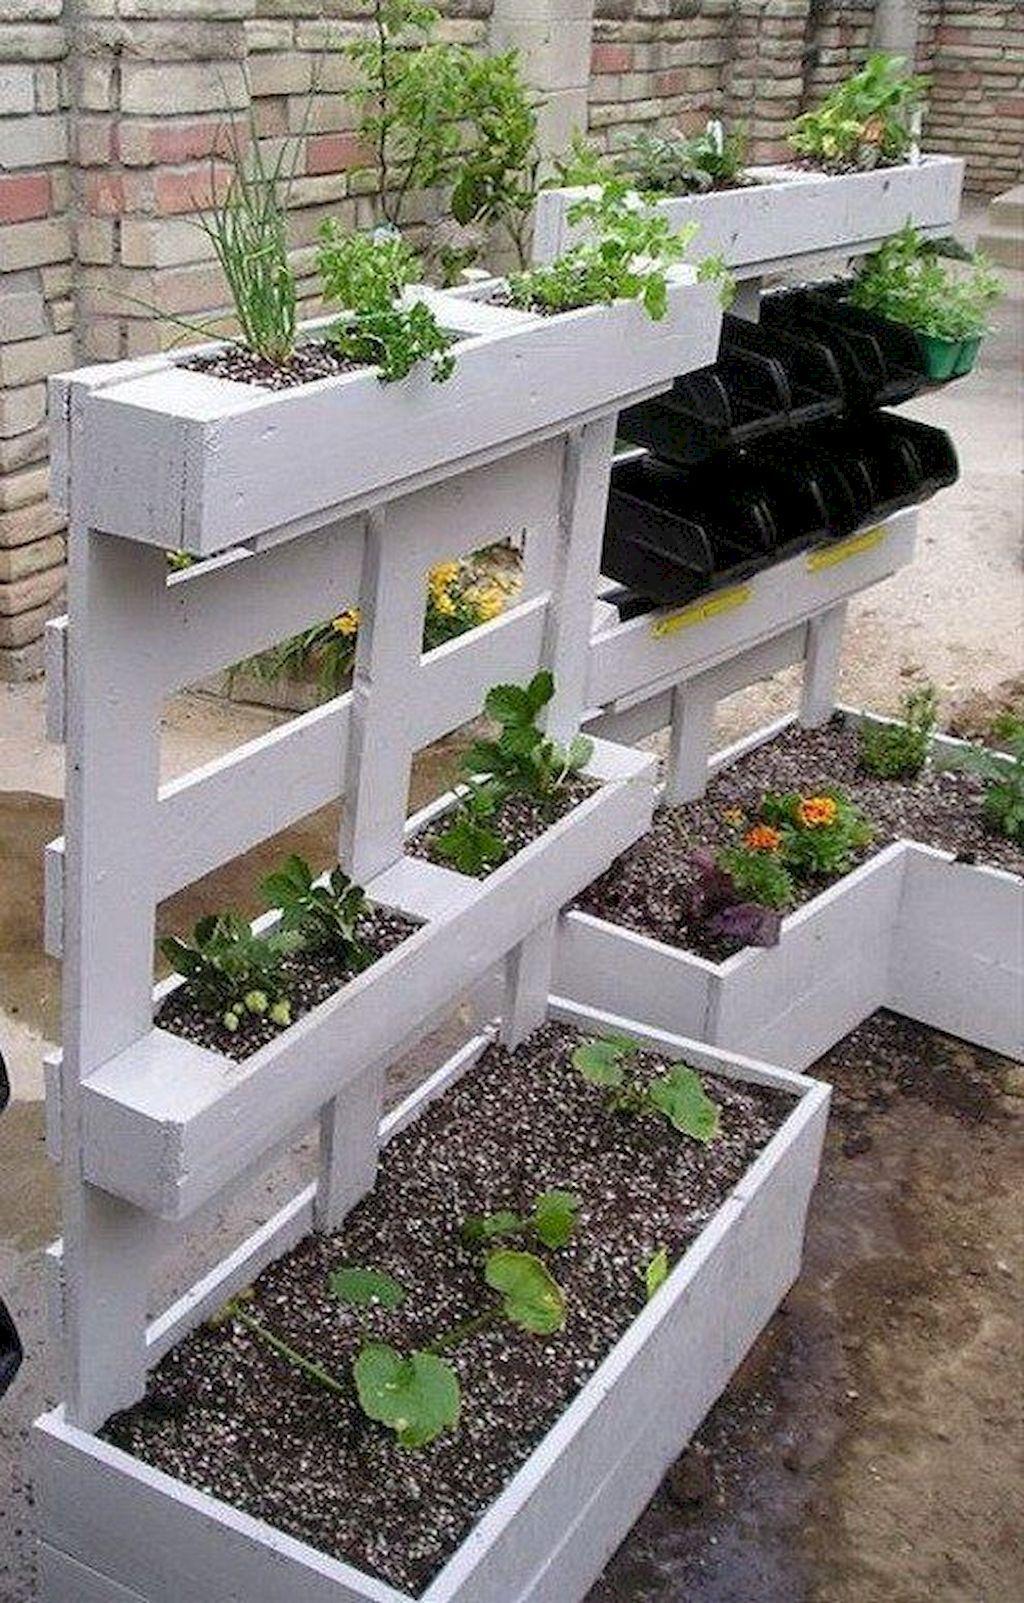 55 DIY Raised Garden Bed Plans & Ideas You Can Build #diygarden